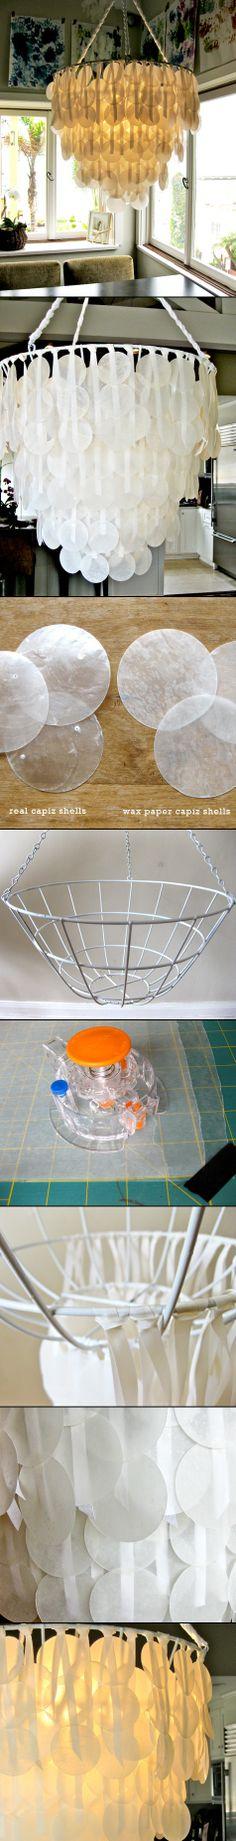 DIY IYD IDY DYI YDI: DIY PROJECT:PAPER CAPIZ SHELL CHANDELIER